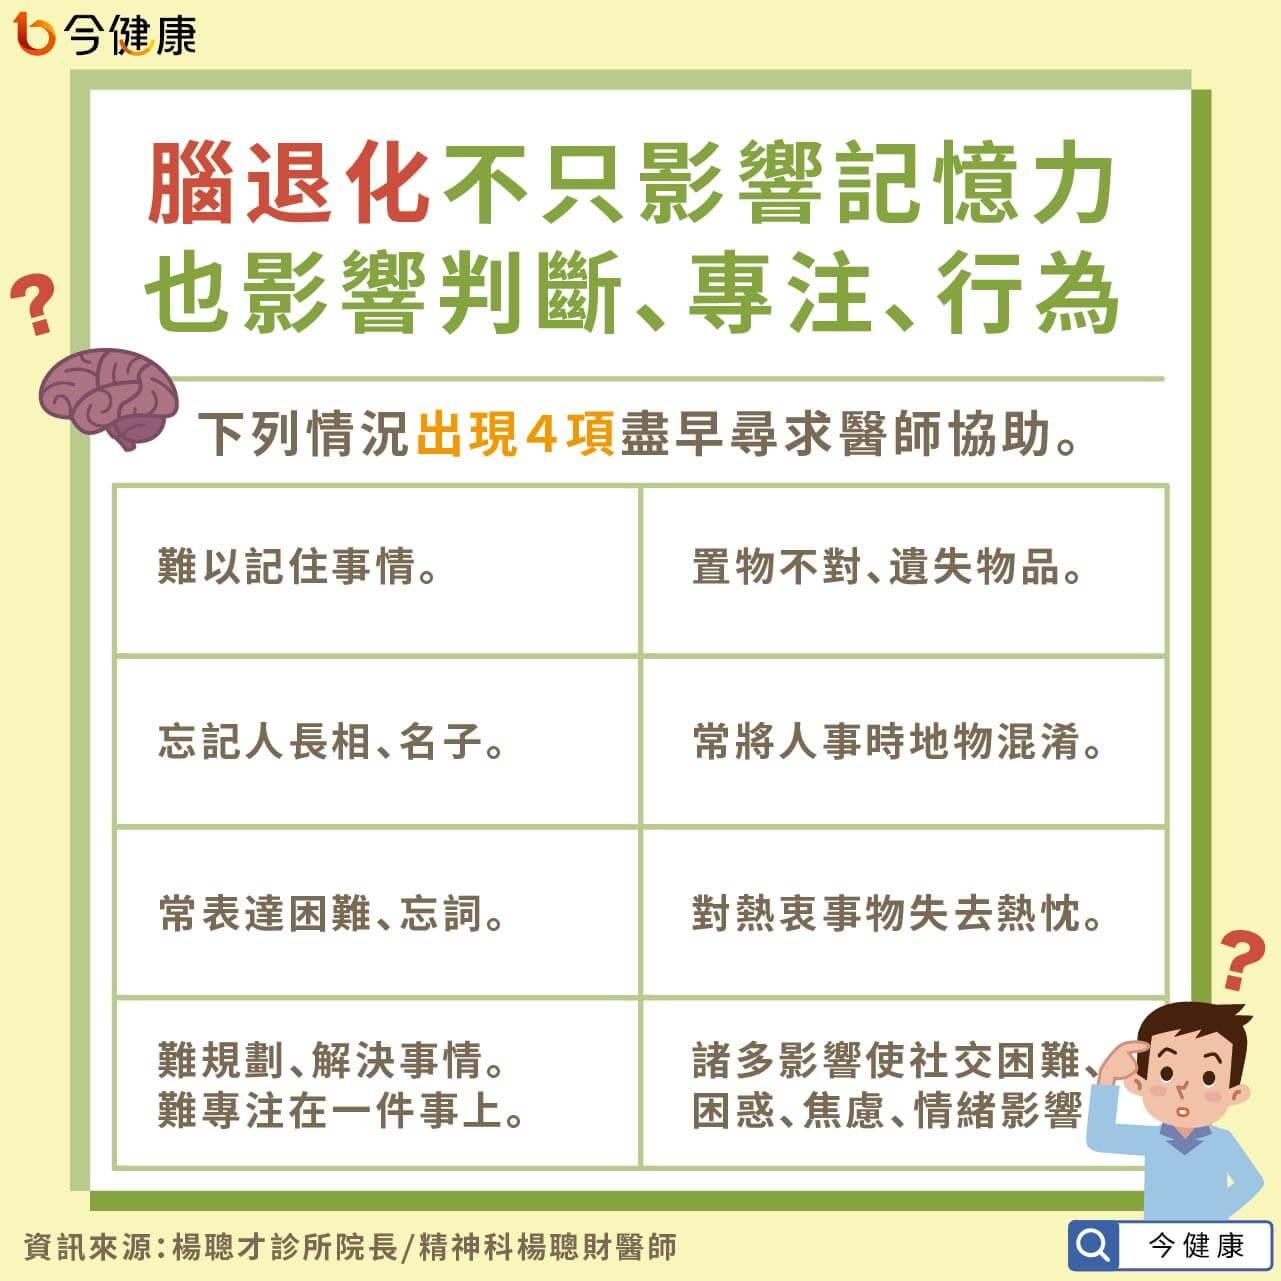 #腦退化 #阿茲海默症 #失智症 #三高 #糖尿病 #高血糖 #高血脂 #高血壓 #慢性病 #楊聰財